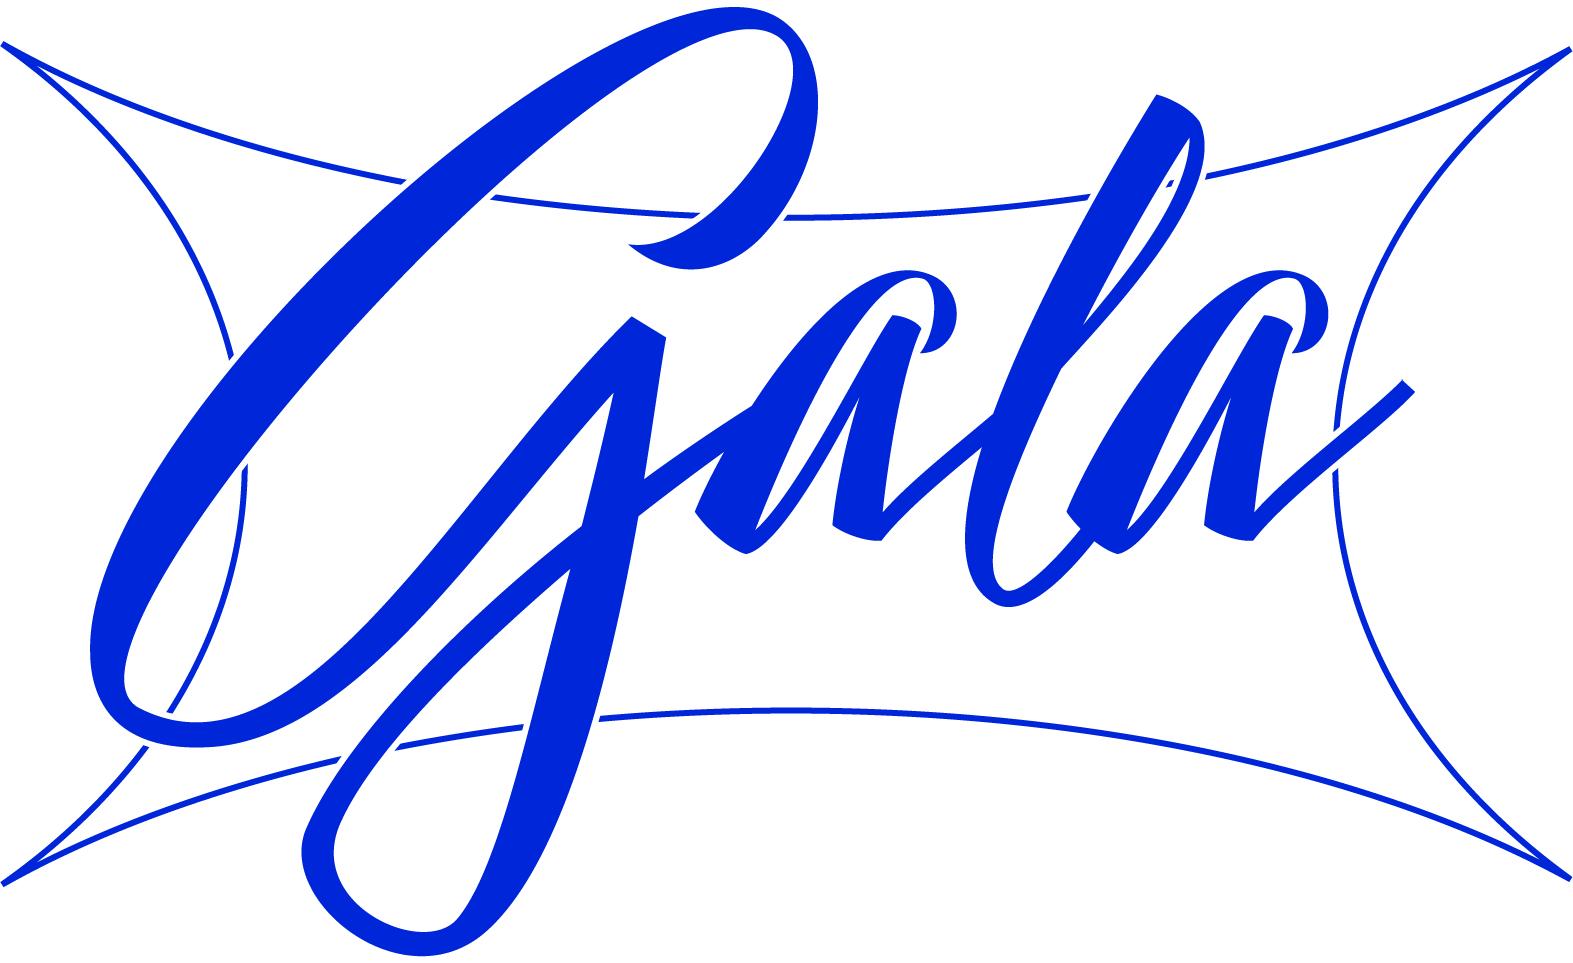 GALA_design 4c